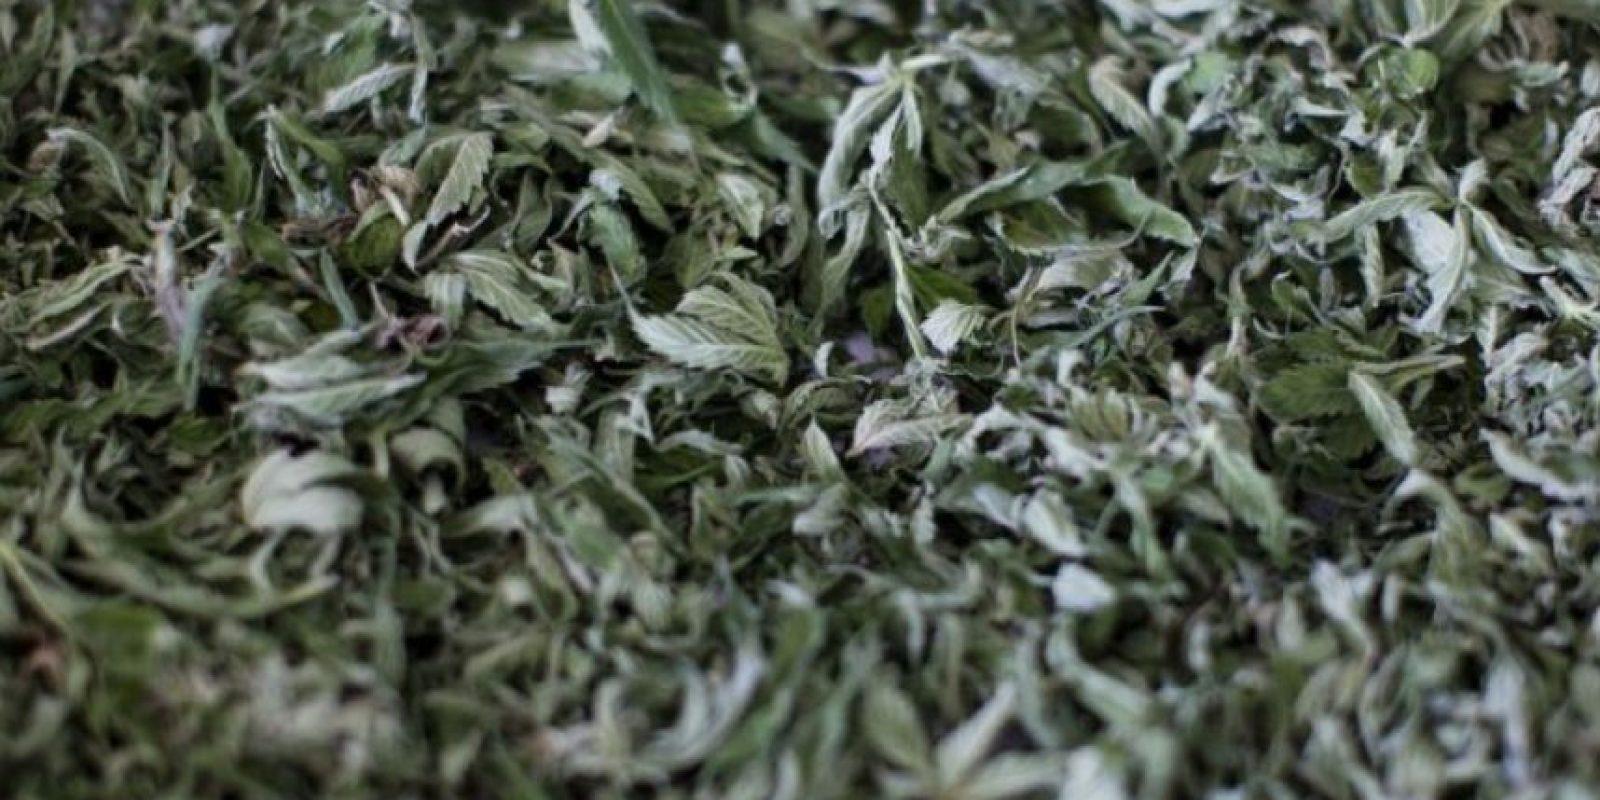 Existe la marihuana medicinal pero se ha indicado que pocos médicos la recetan por falta de información. El Gobierno solo ha autorizado formalmente a una empresa para suministrar la marihuana a las farmacias. Foto:vía Getty Images